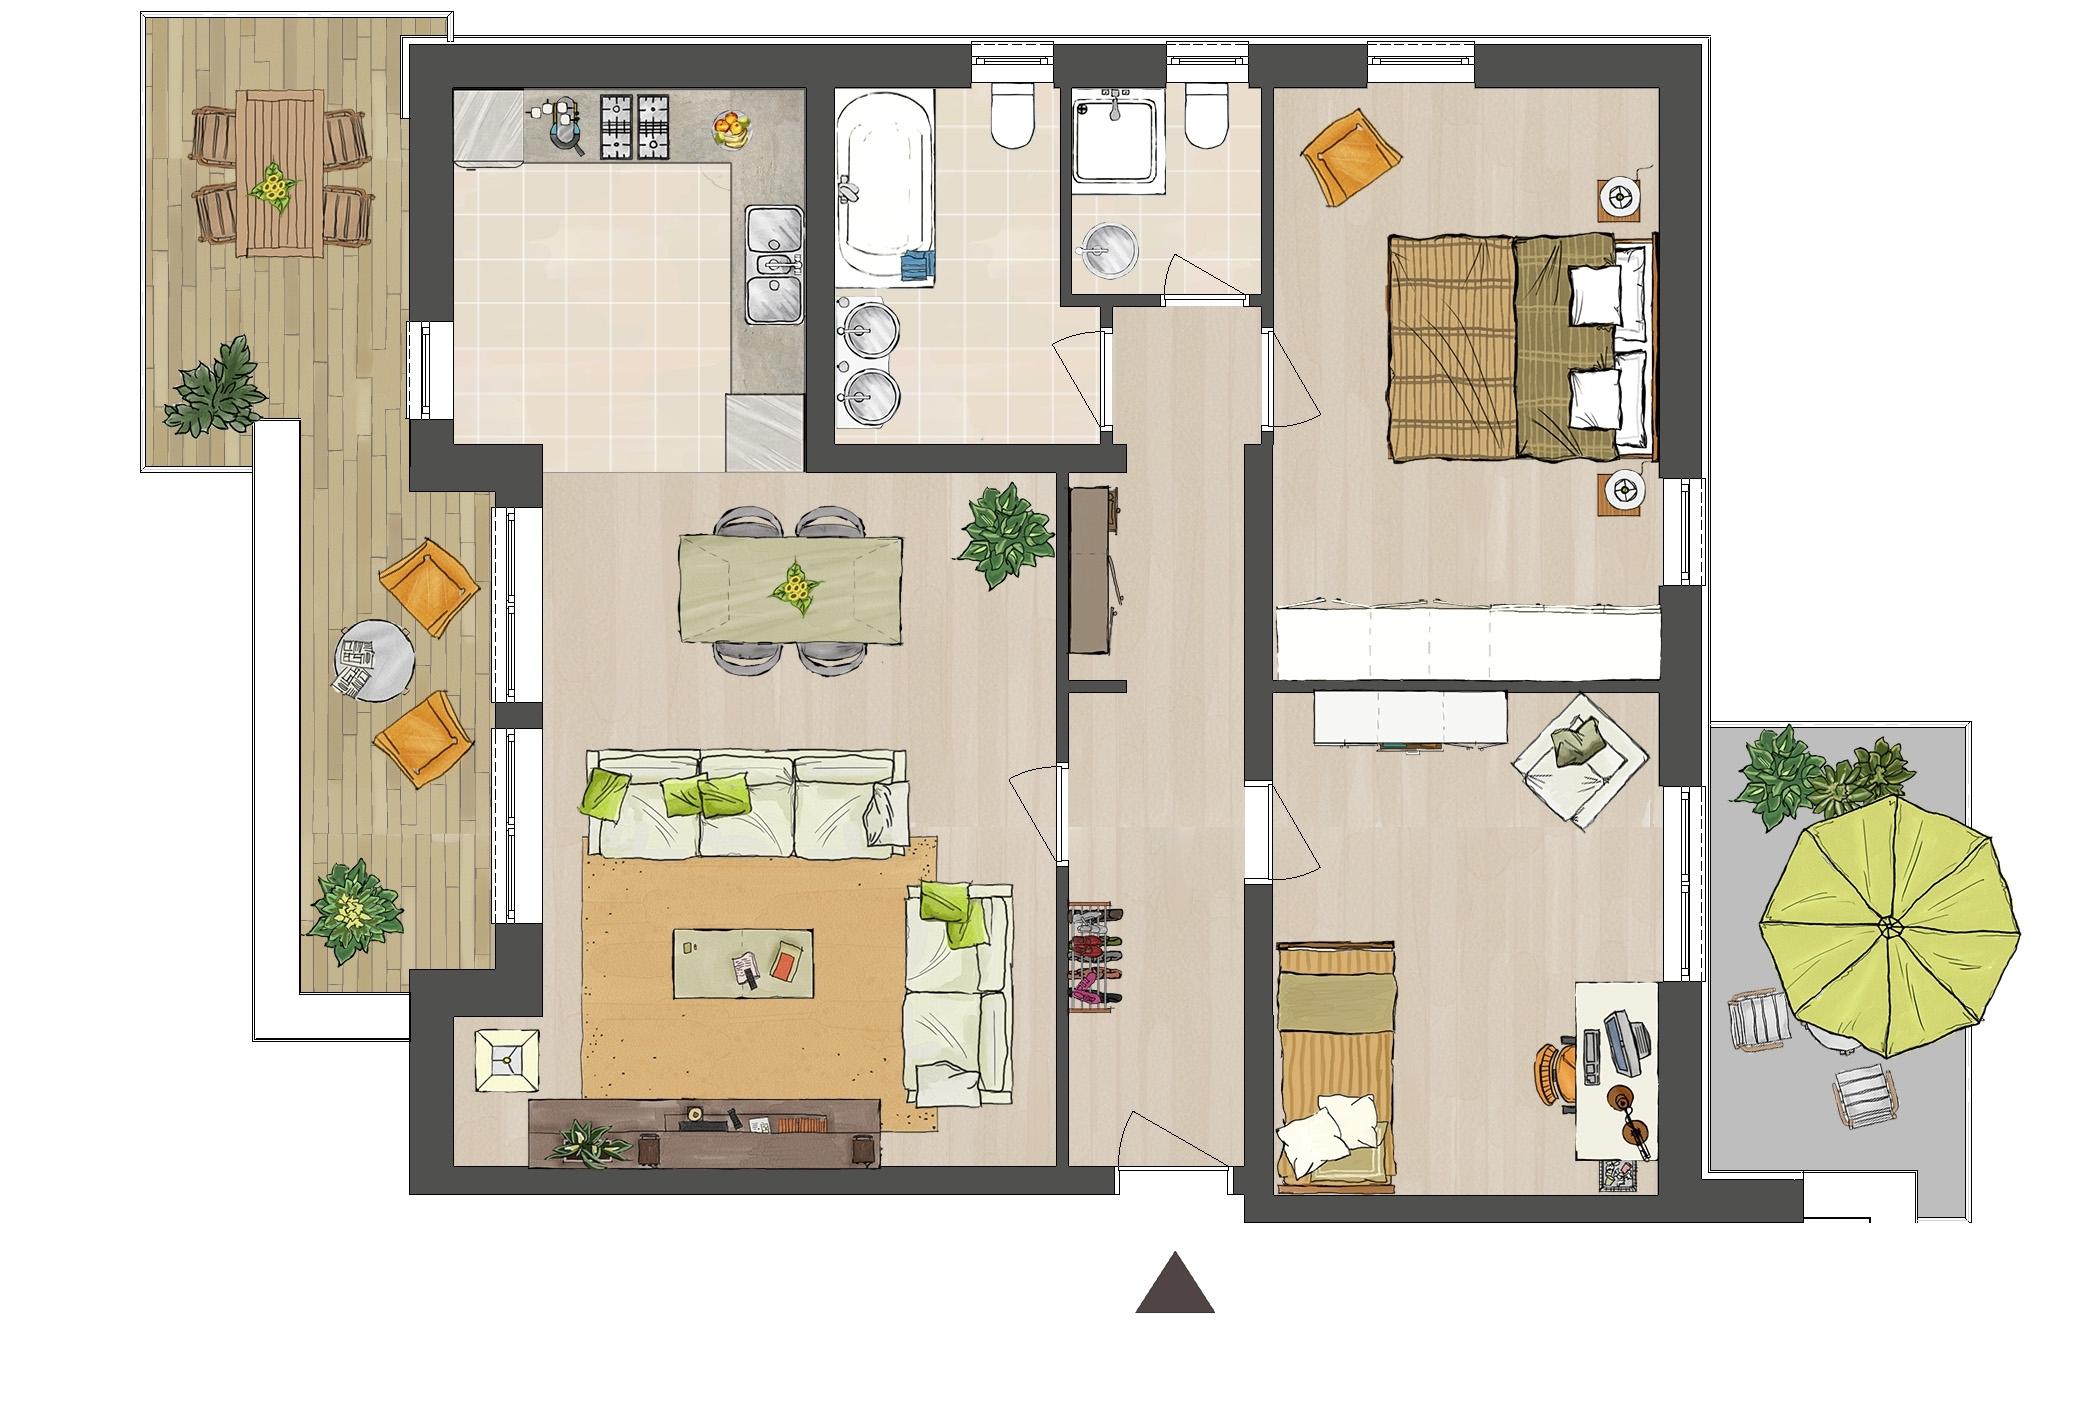 Wohnung A11